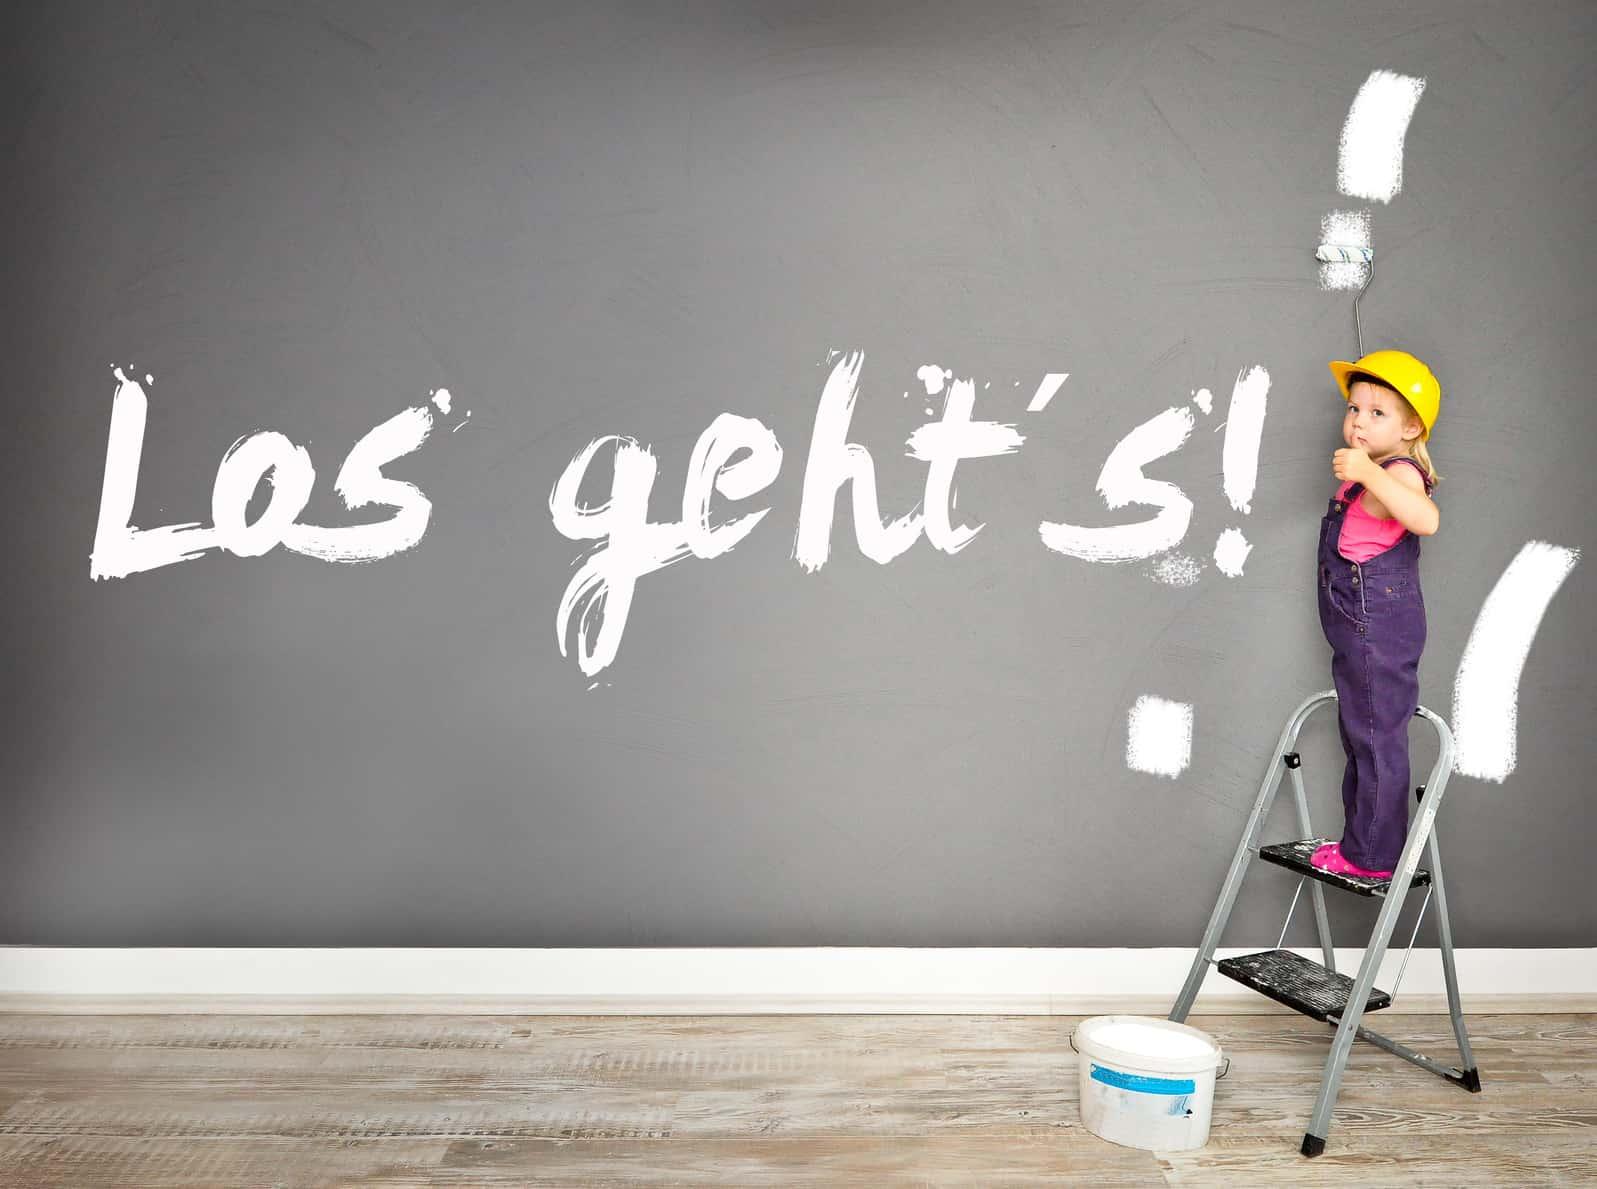 Passiv Investieren: Kind streicht los geht's an die Wand